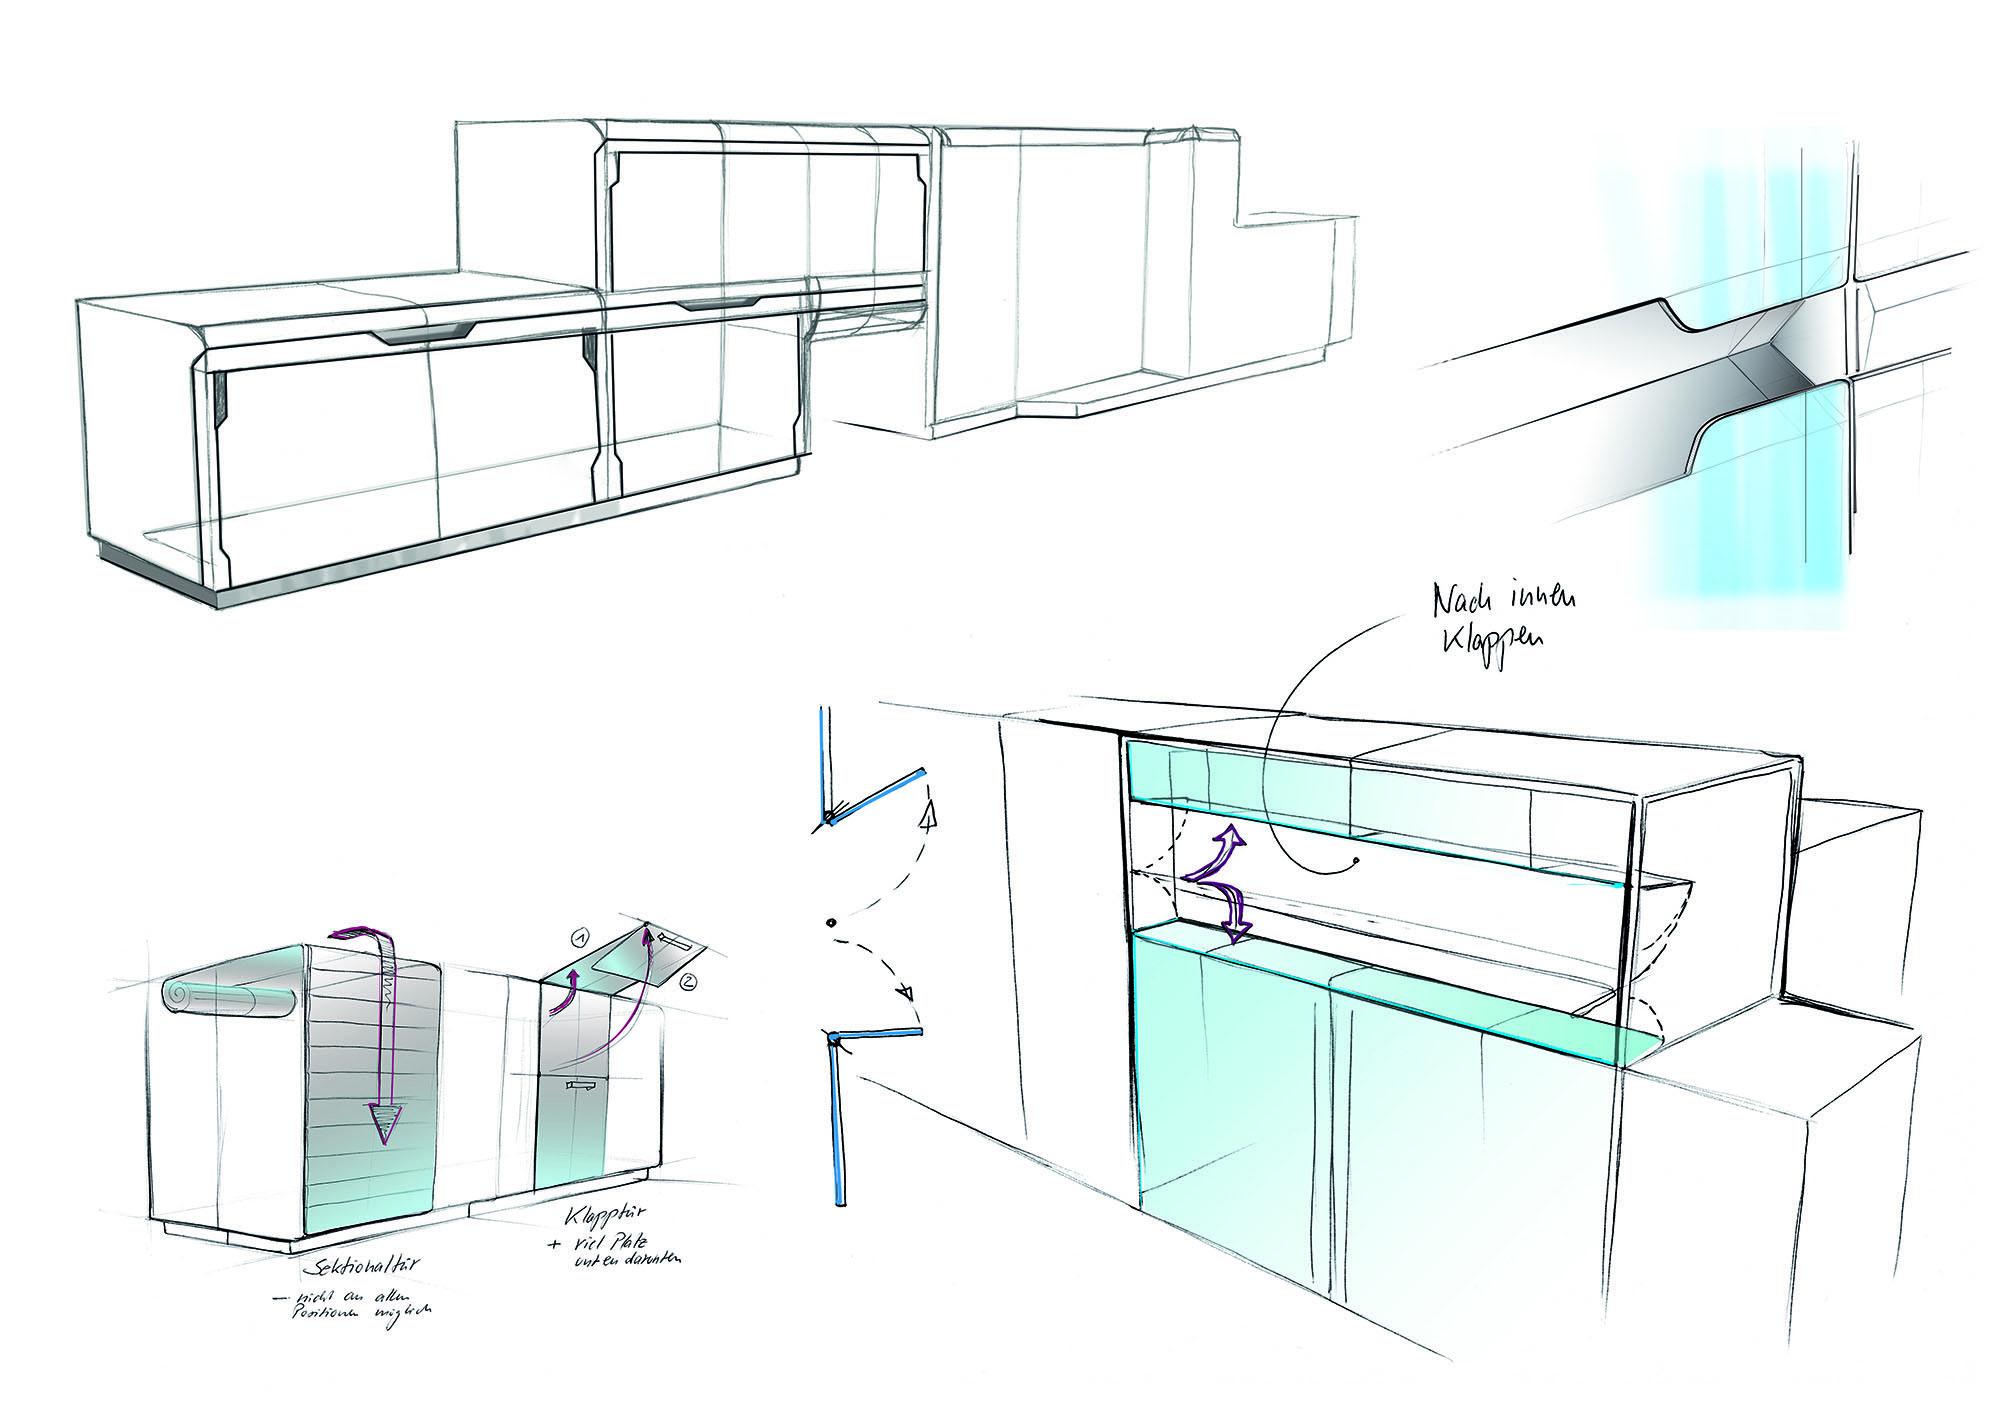 Ideen skizzieren für eine Verpackungsmaschine